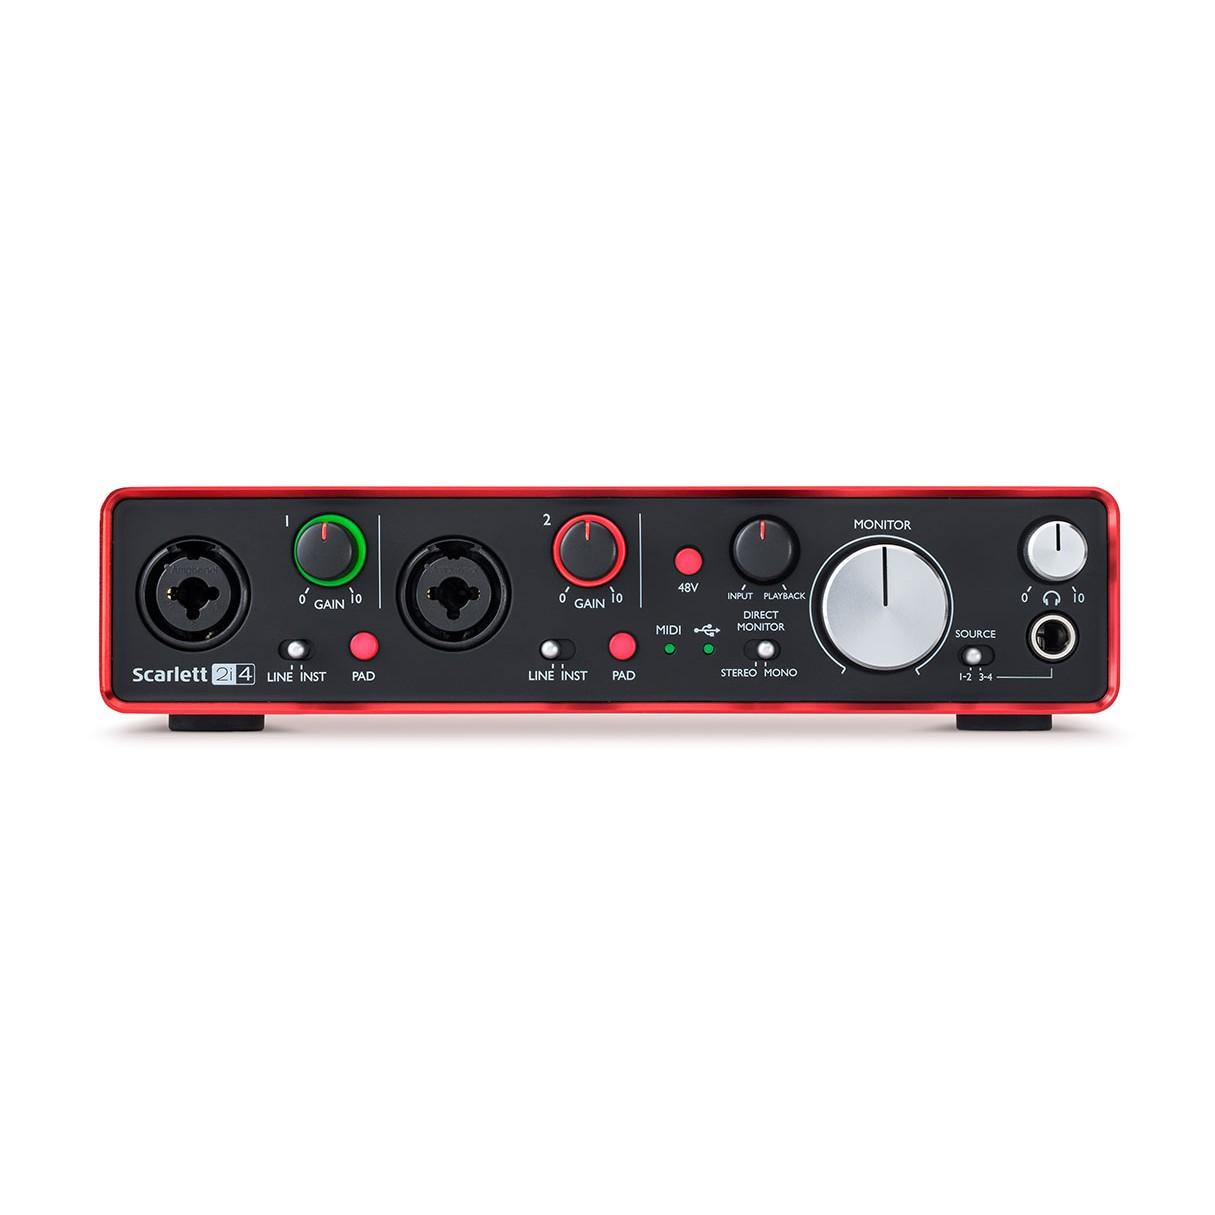 focusrite scarlett 2i4 2nd gen studio headphones. Black Bedroom Furniture Sets. Home Design Ideas